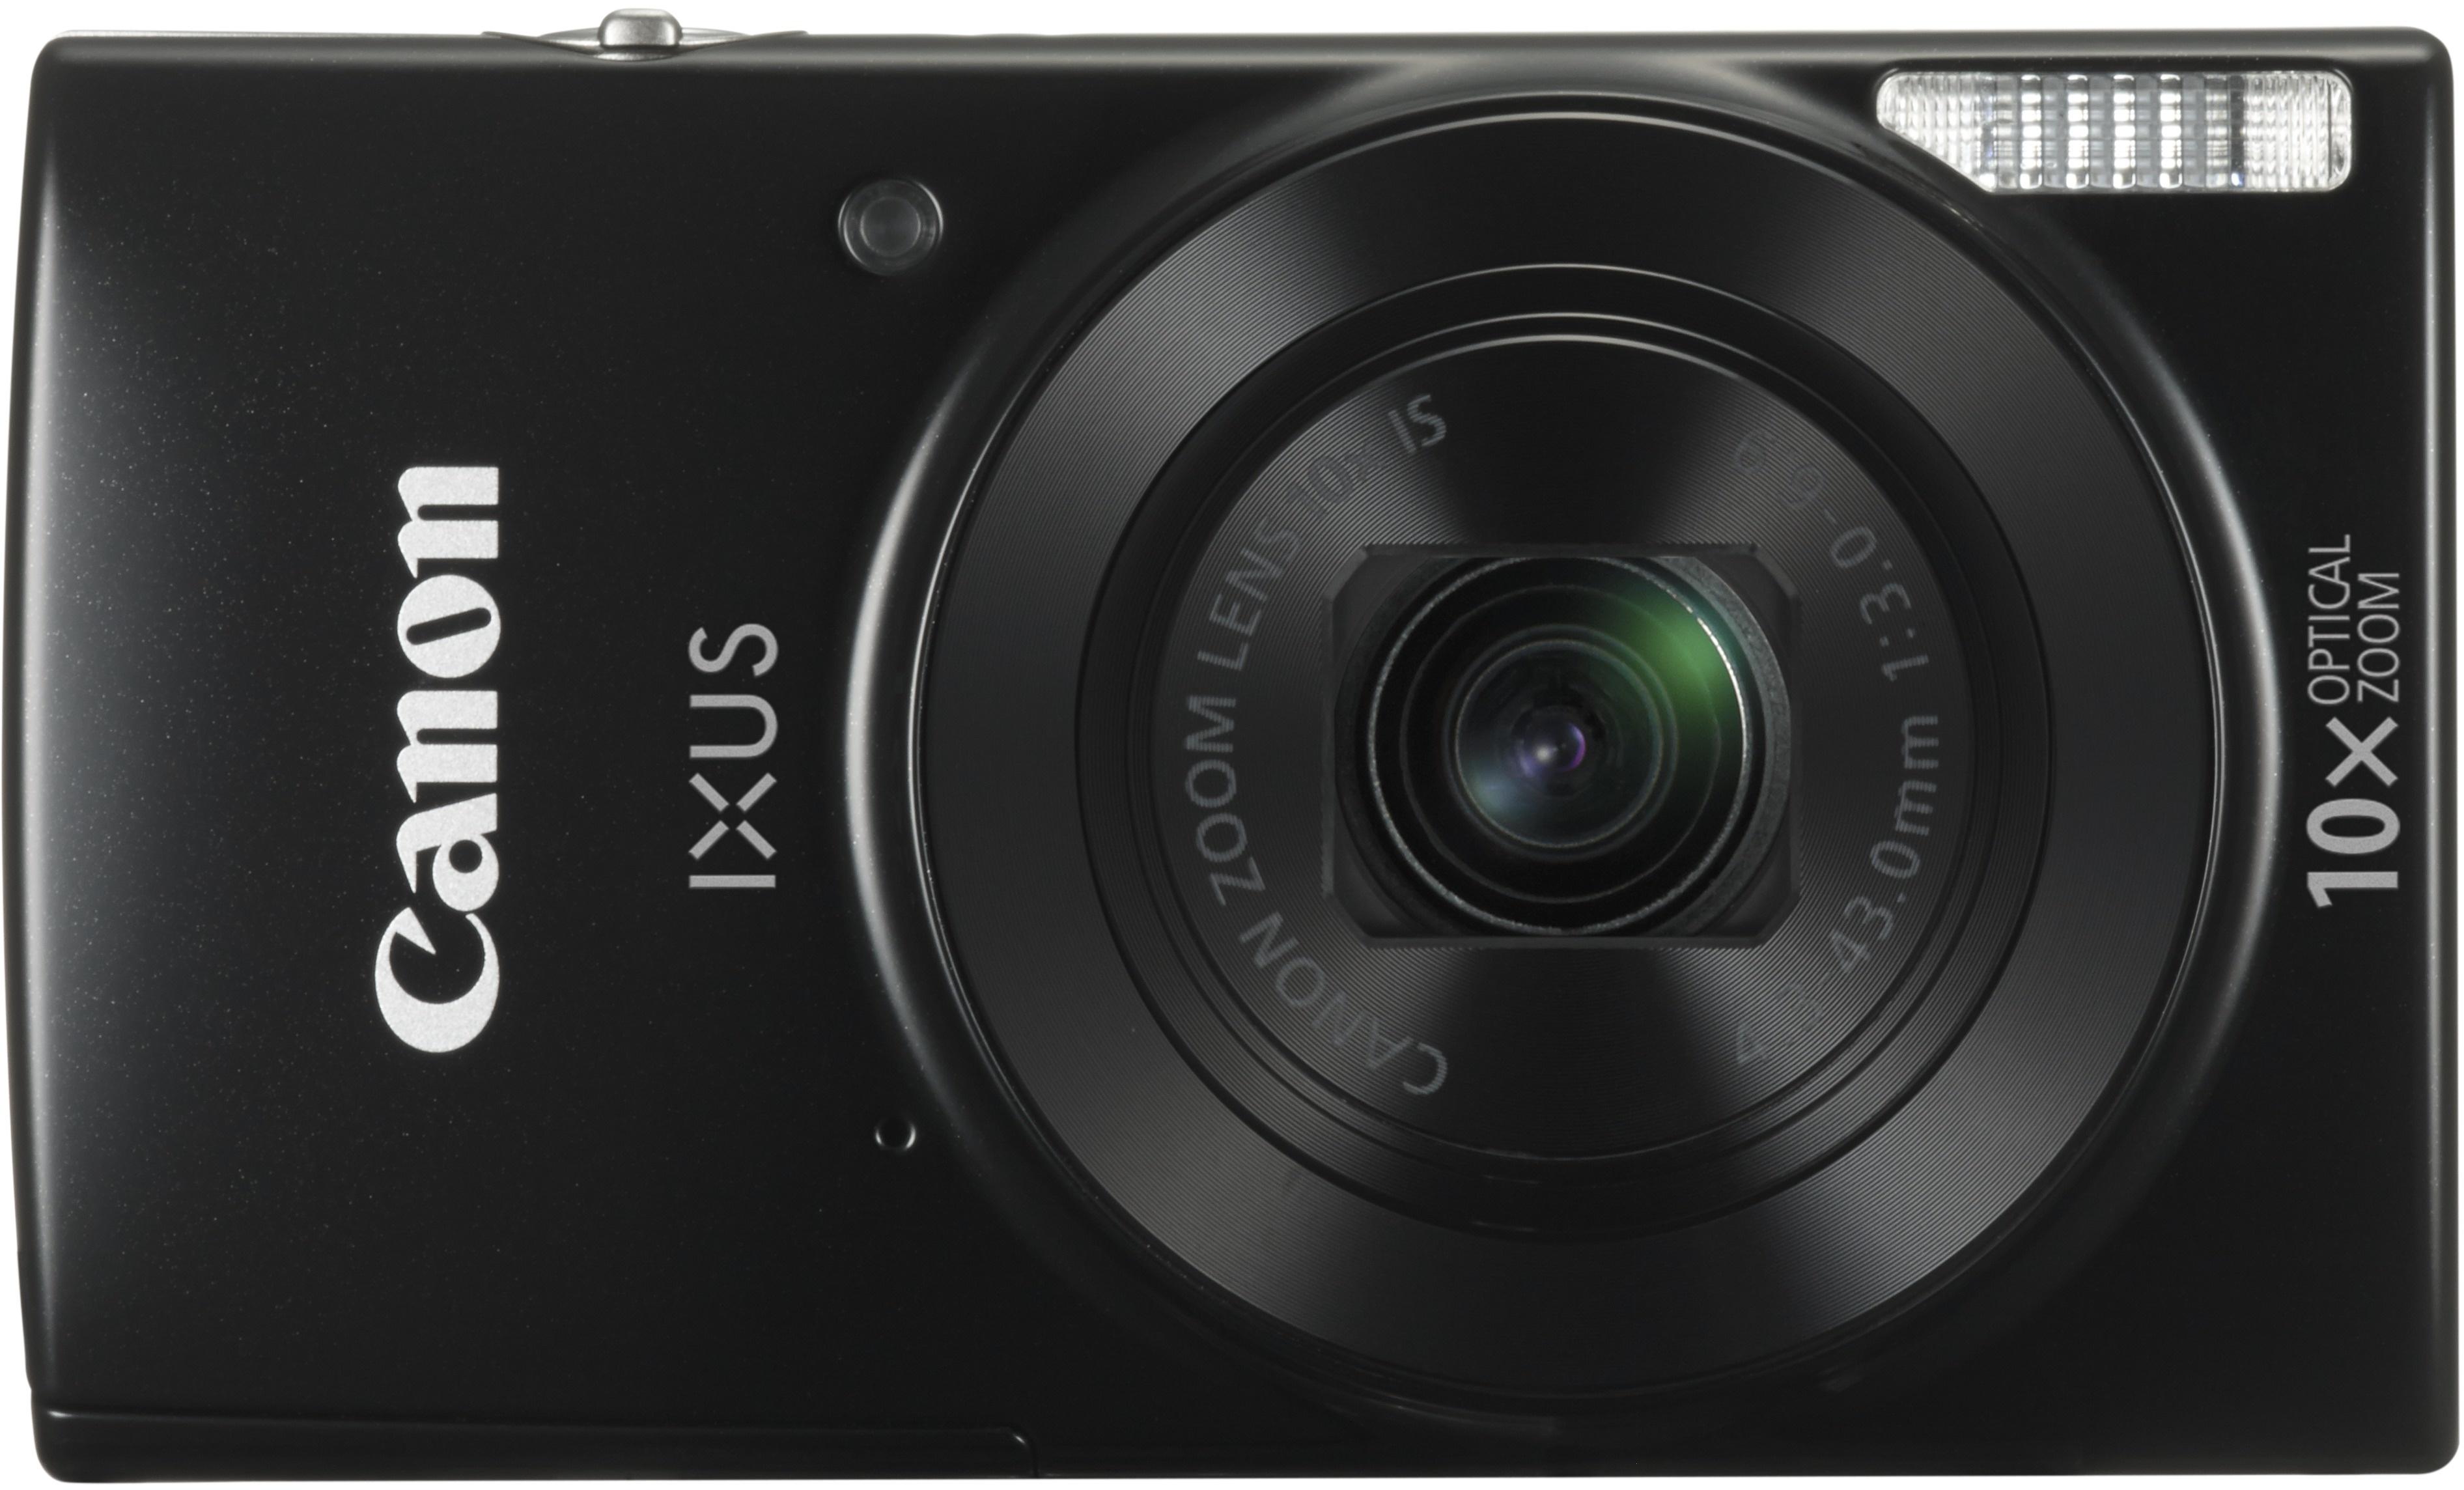 посадки ухода цифровые фотоаппараты в медиа маркт опорно-двигательного